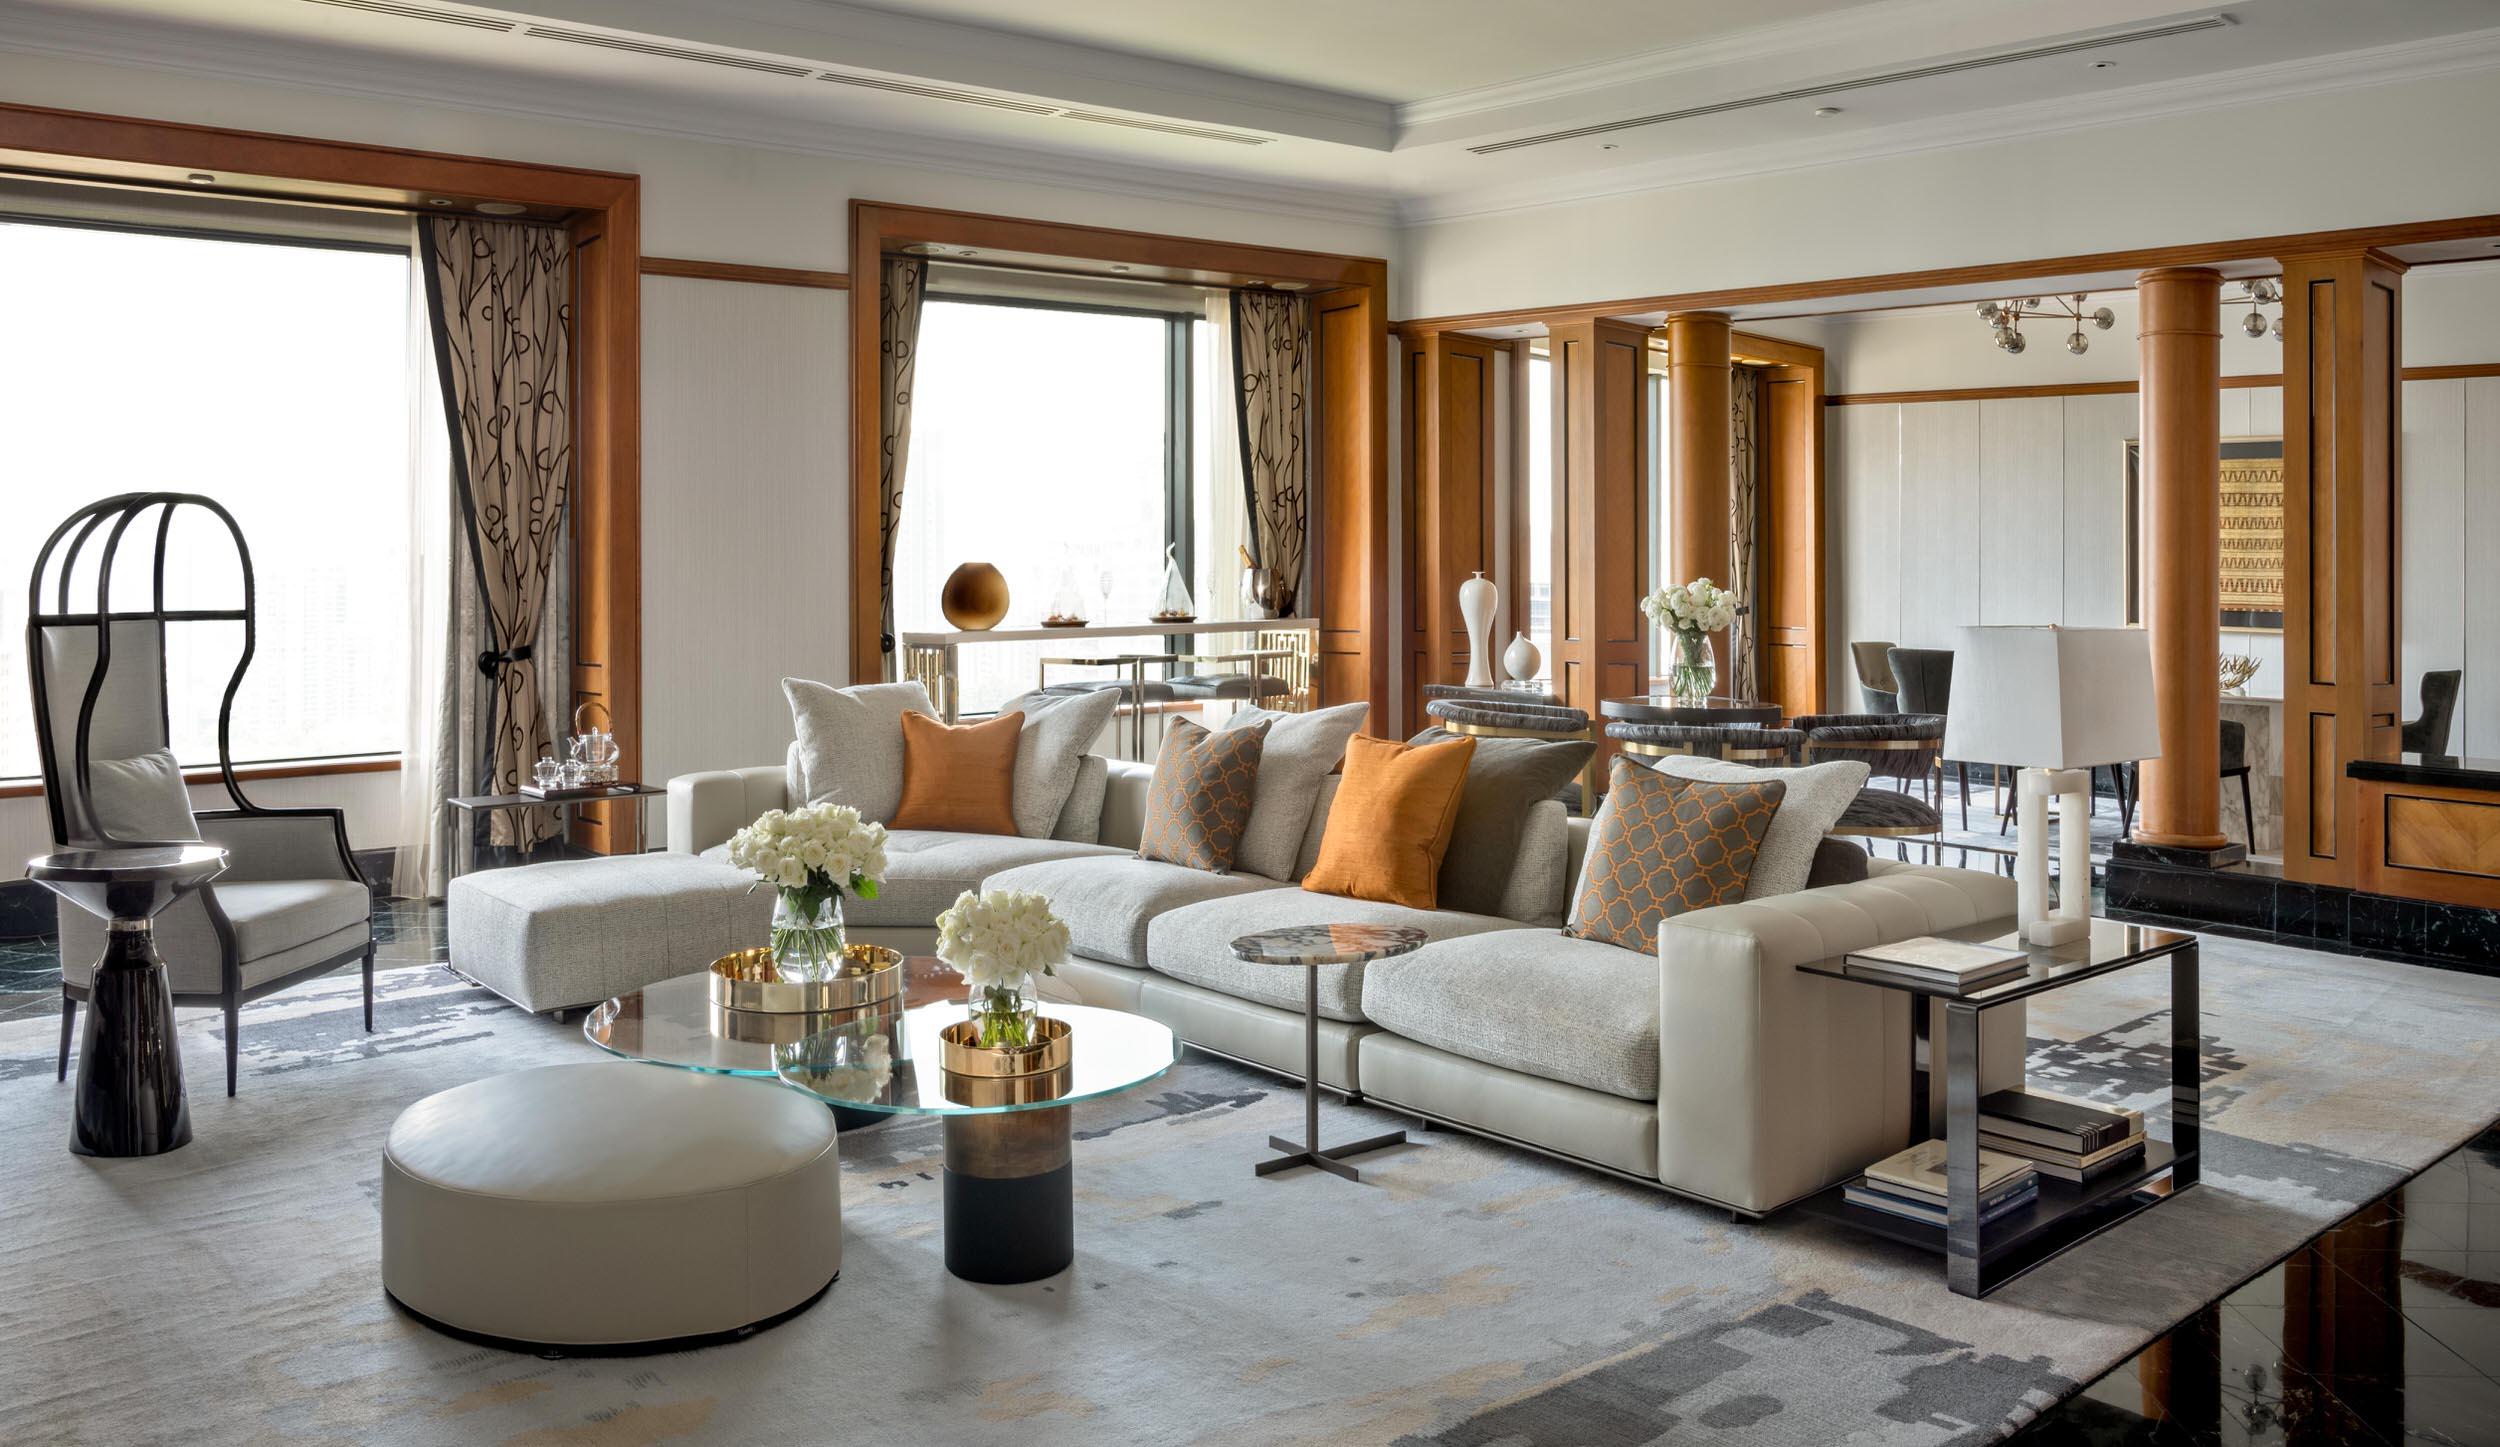 Presidential Suite Living Room 1.jpg